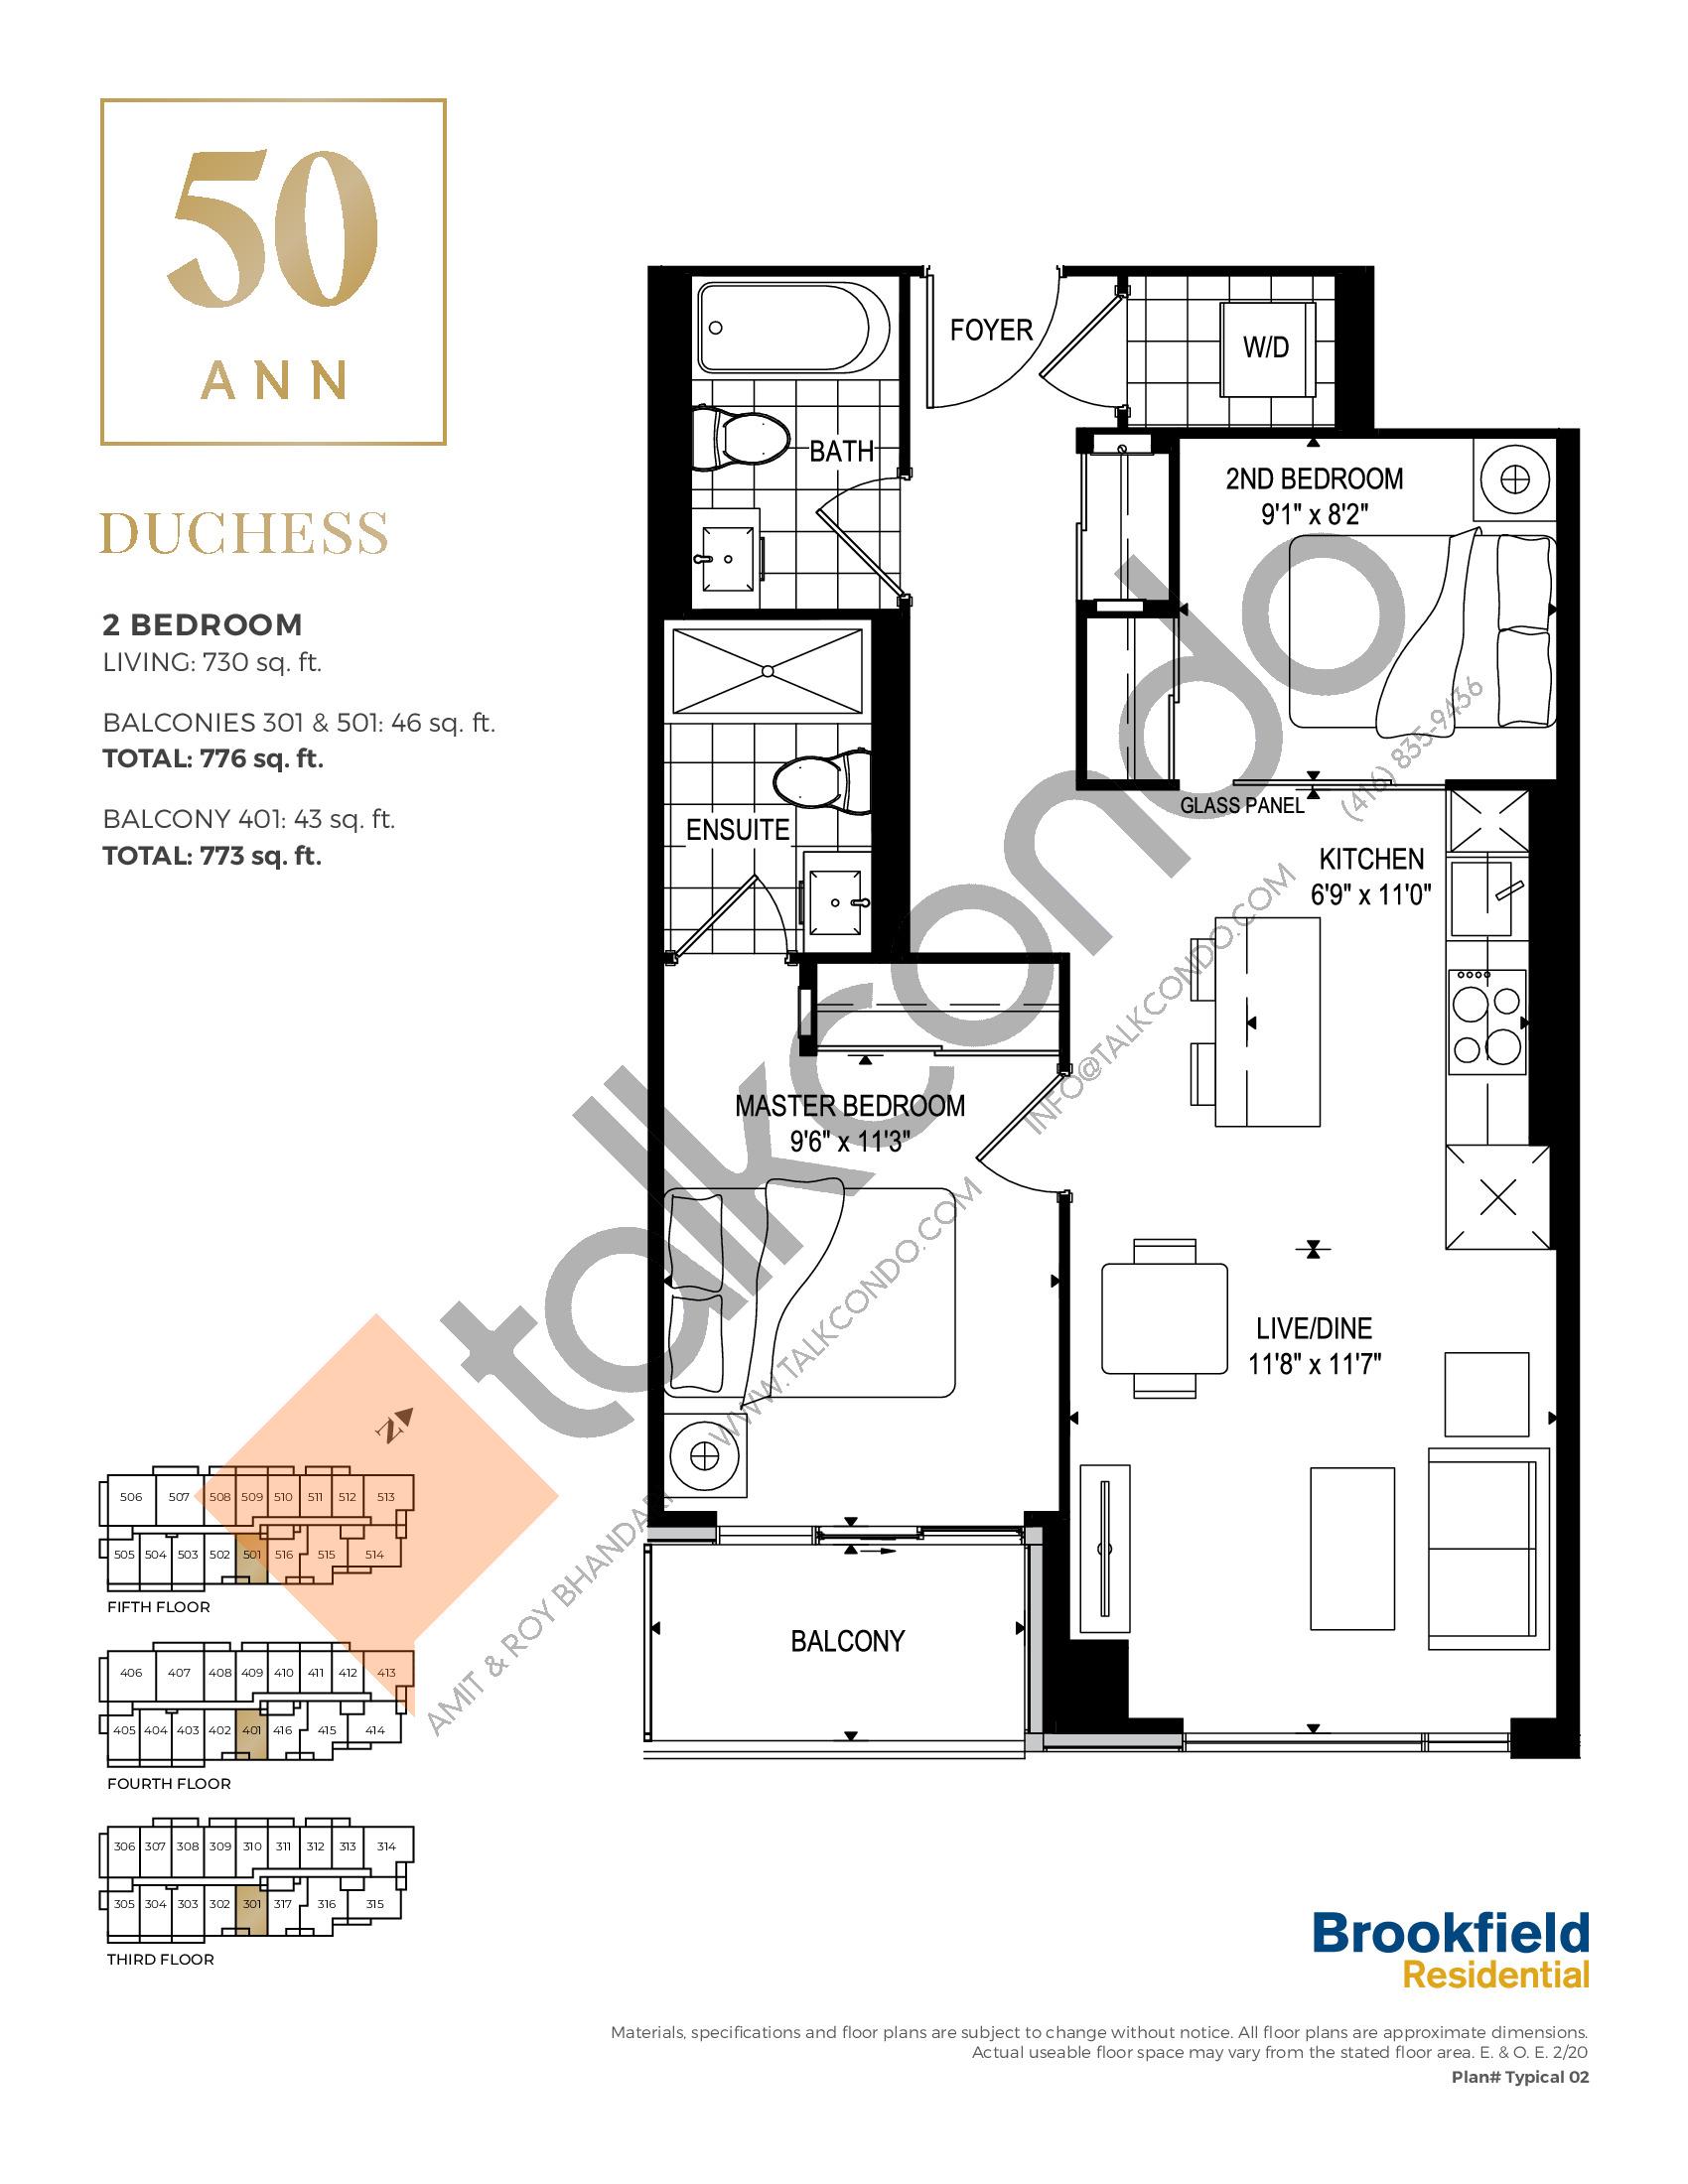 Duchess Floor Plan at 50 Ann Condos - 730 sq.ft